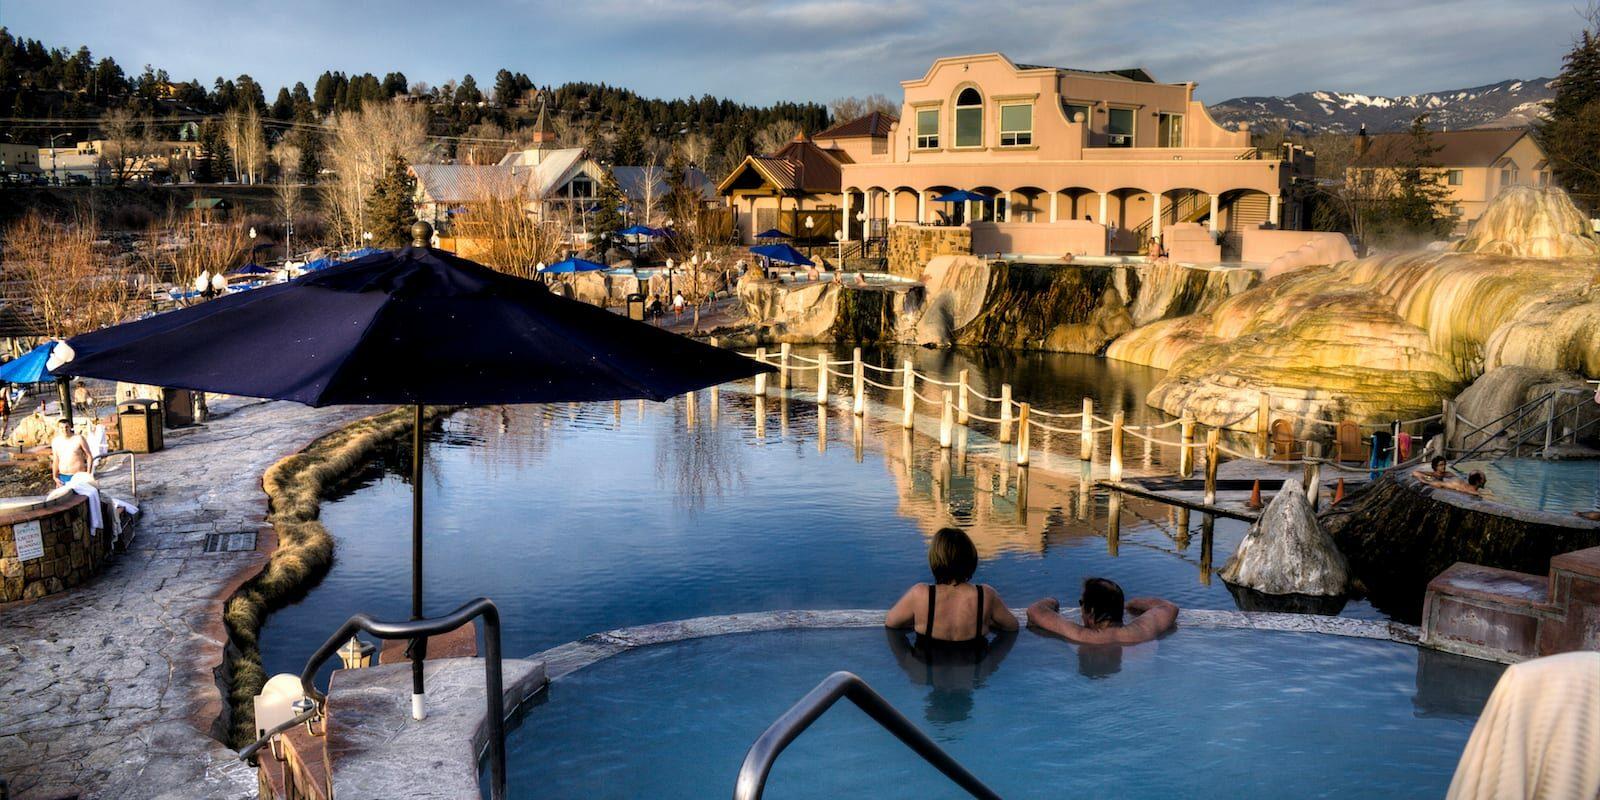 The Springs Resort Pool Pagosa Springs CO